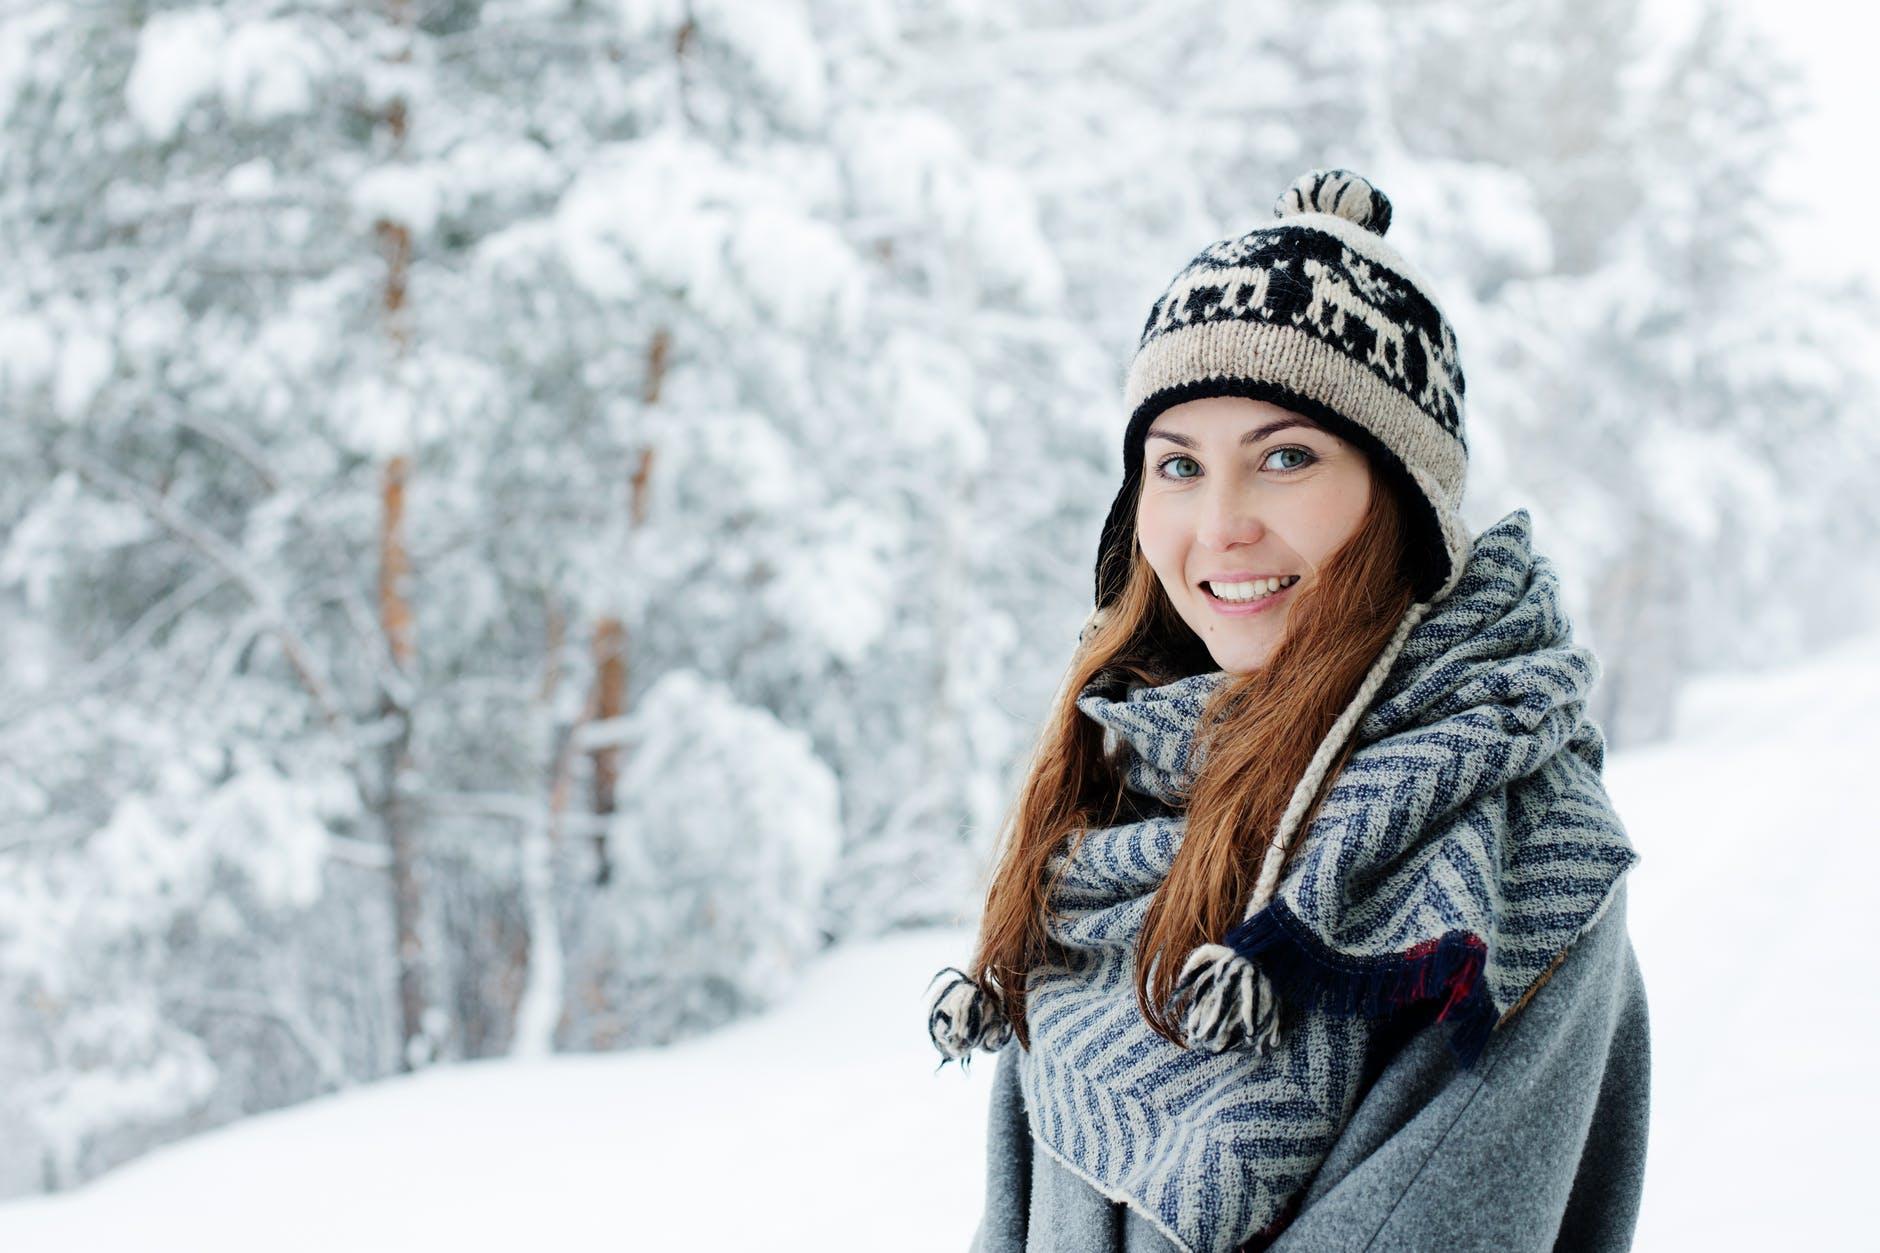 Zimowa pielęgnacja. 10 błędów, które popełniasz